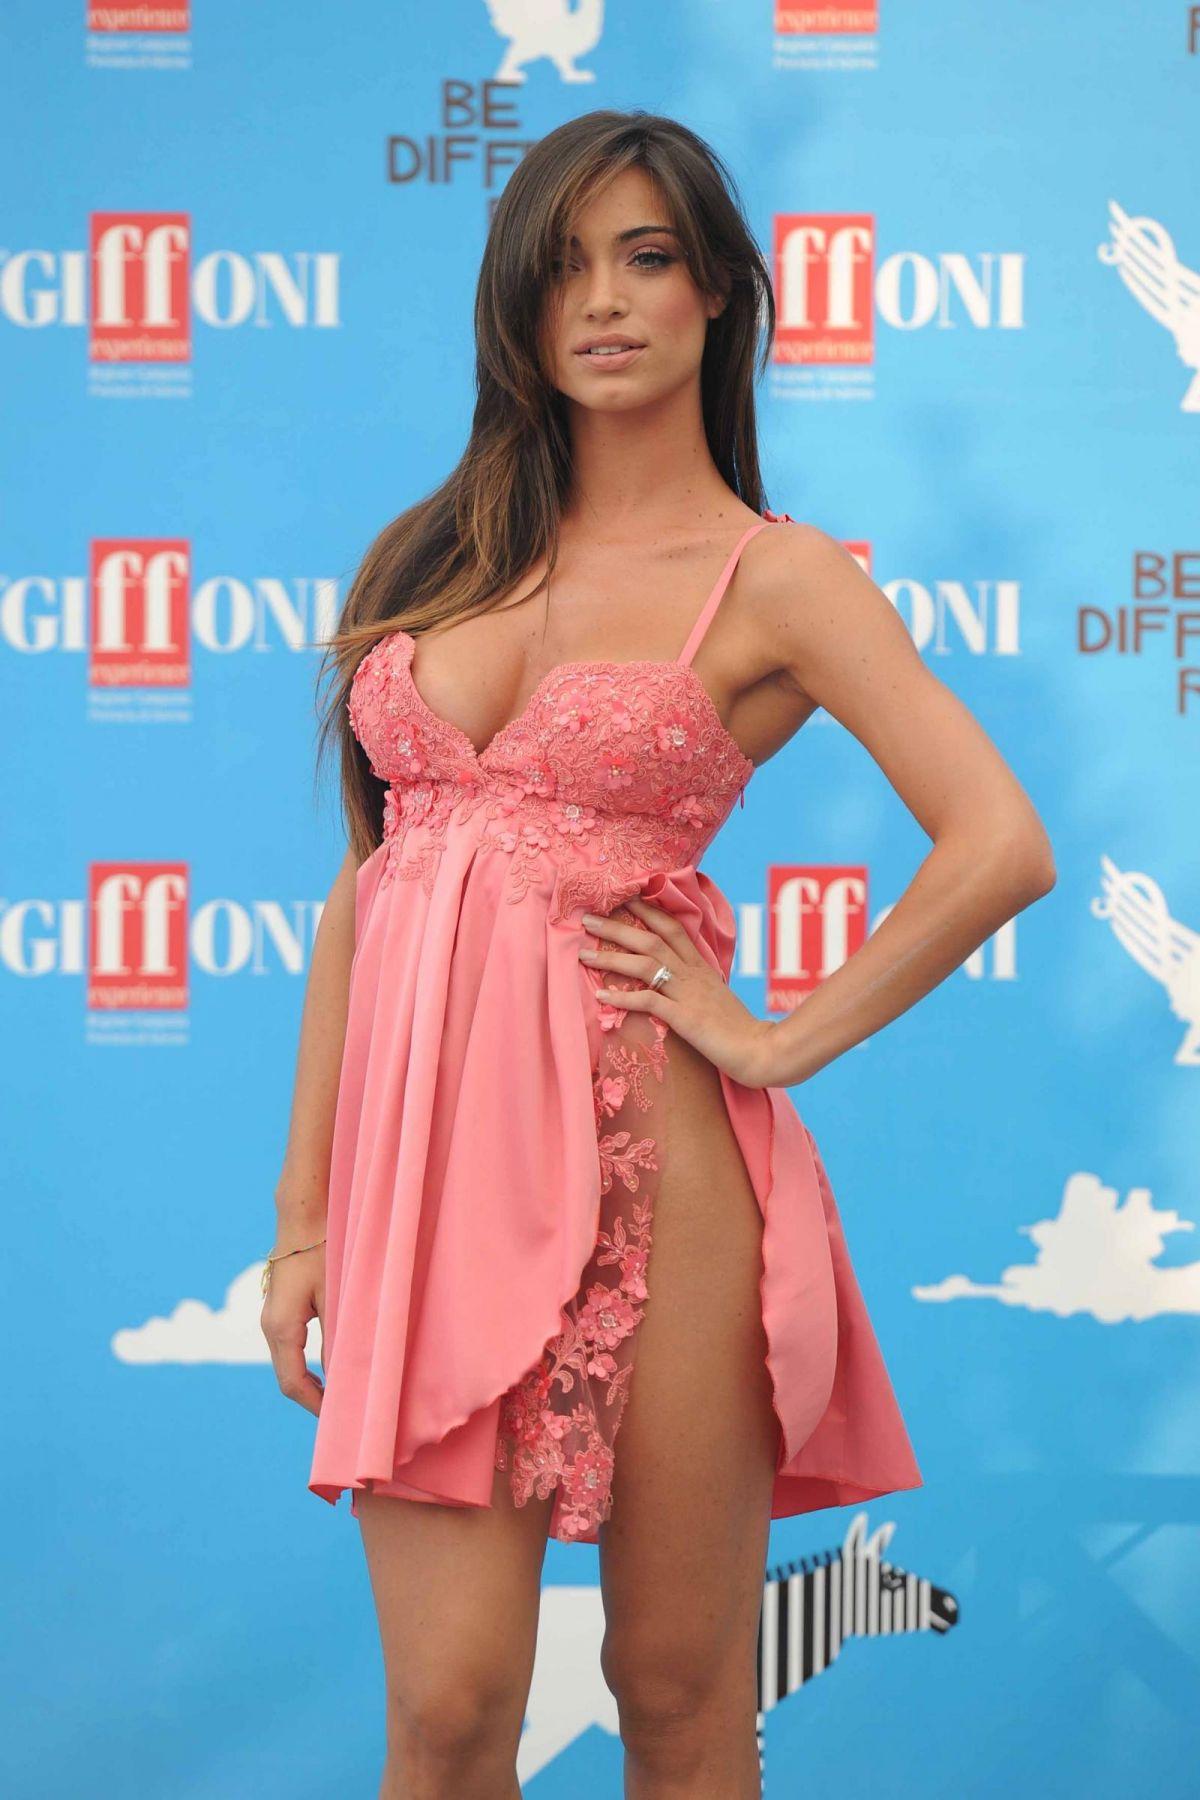 LORELLA BOCCIA at Giffoni Film Festival 1